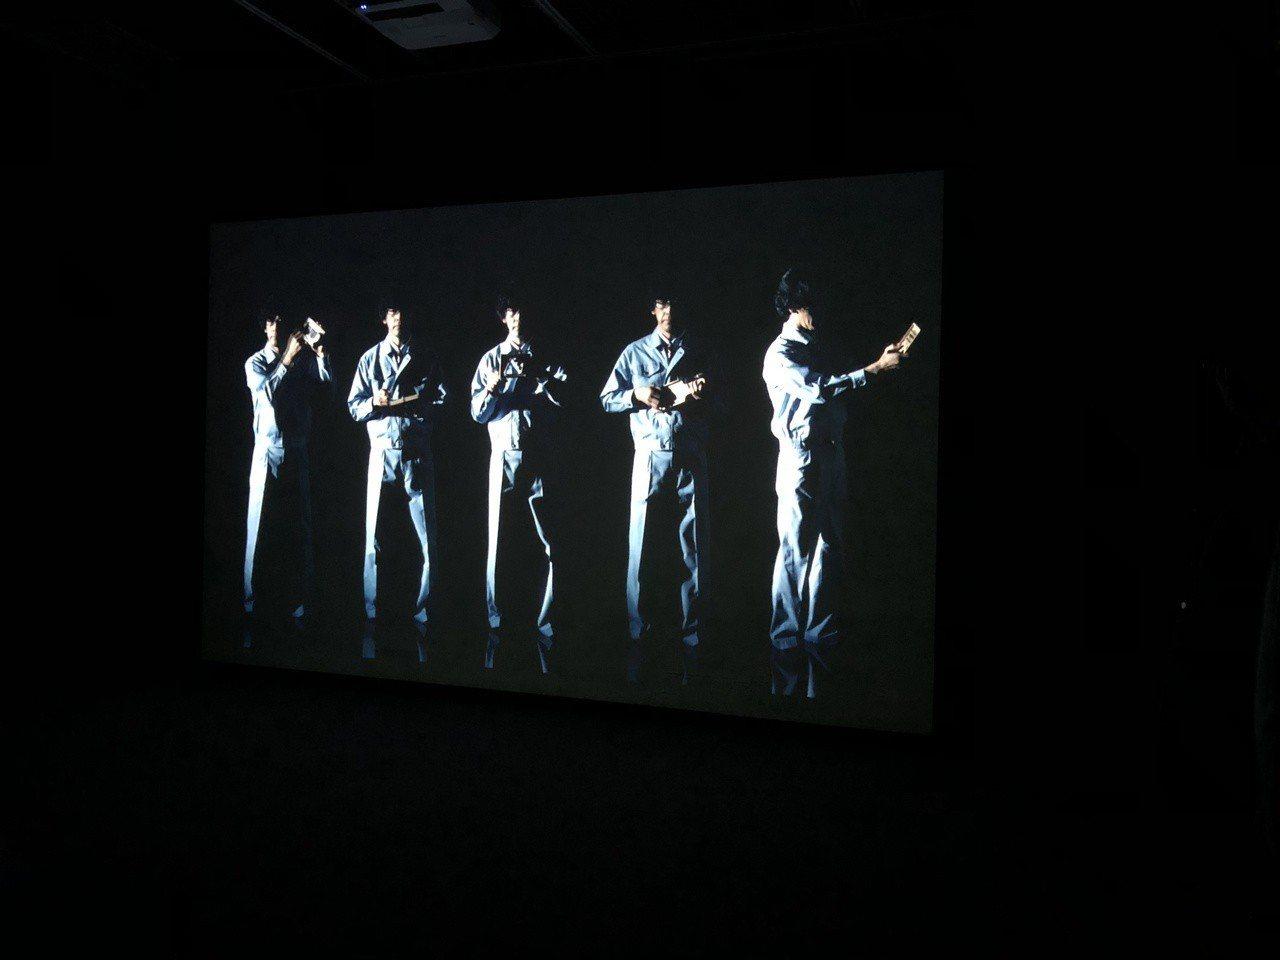 當代藝術館小花計畫展中,五月天樂團主唱阿信和日本明和電機團體合作《隱形的紀念》。...